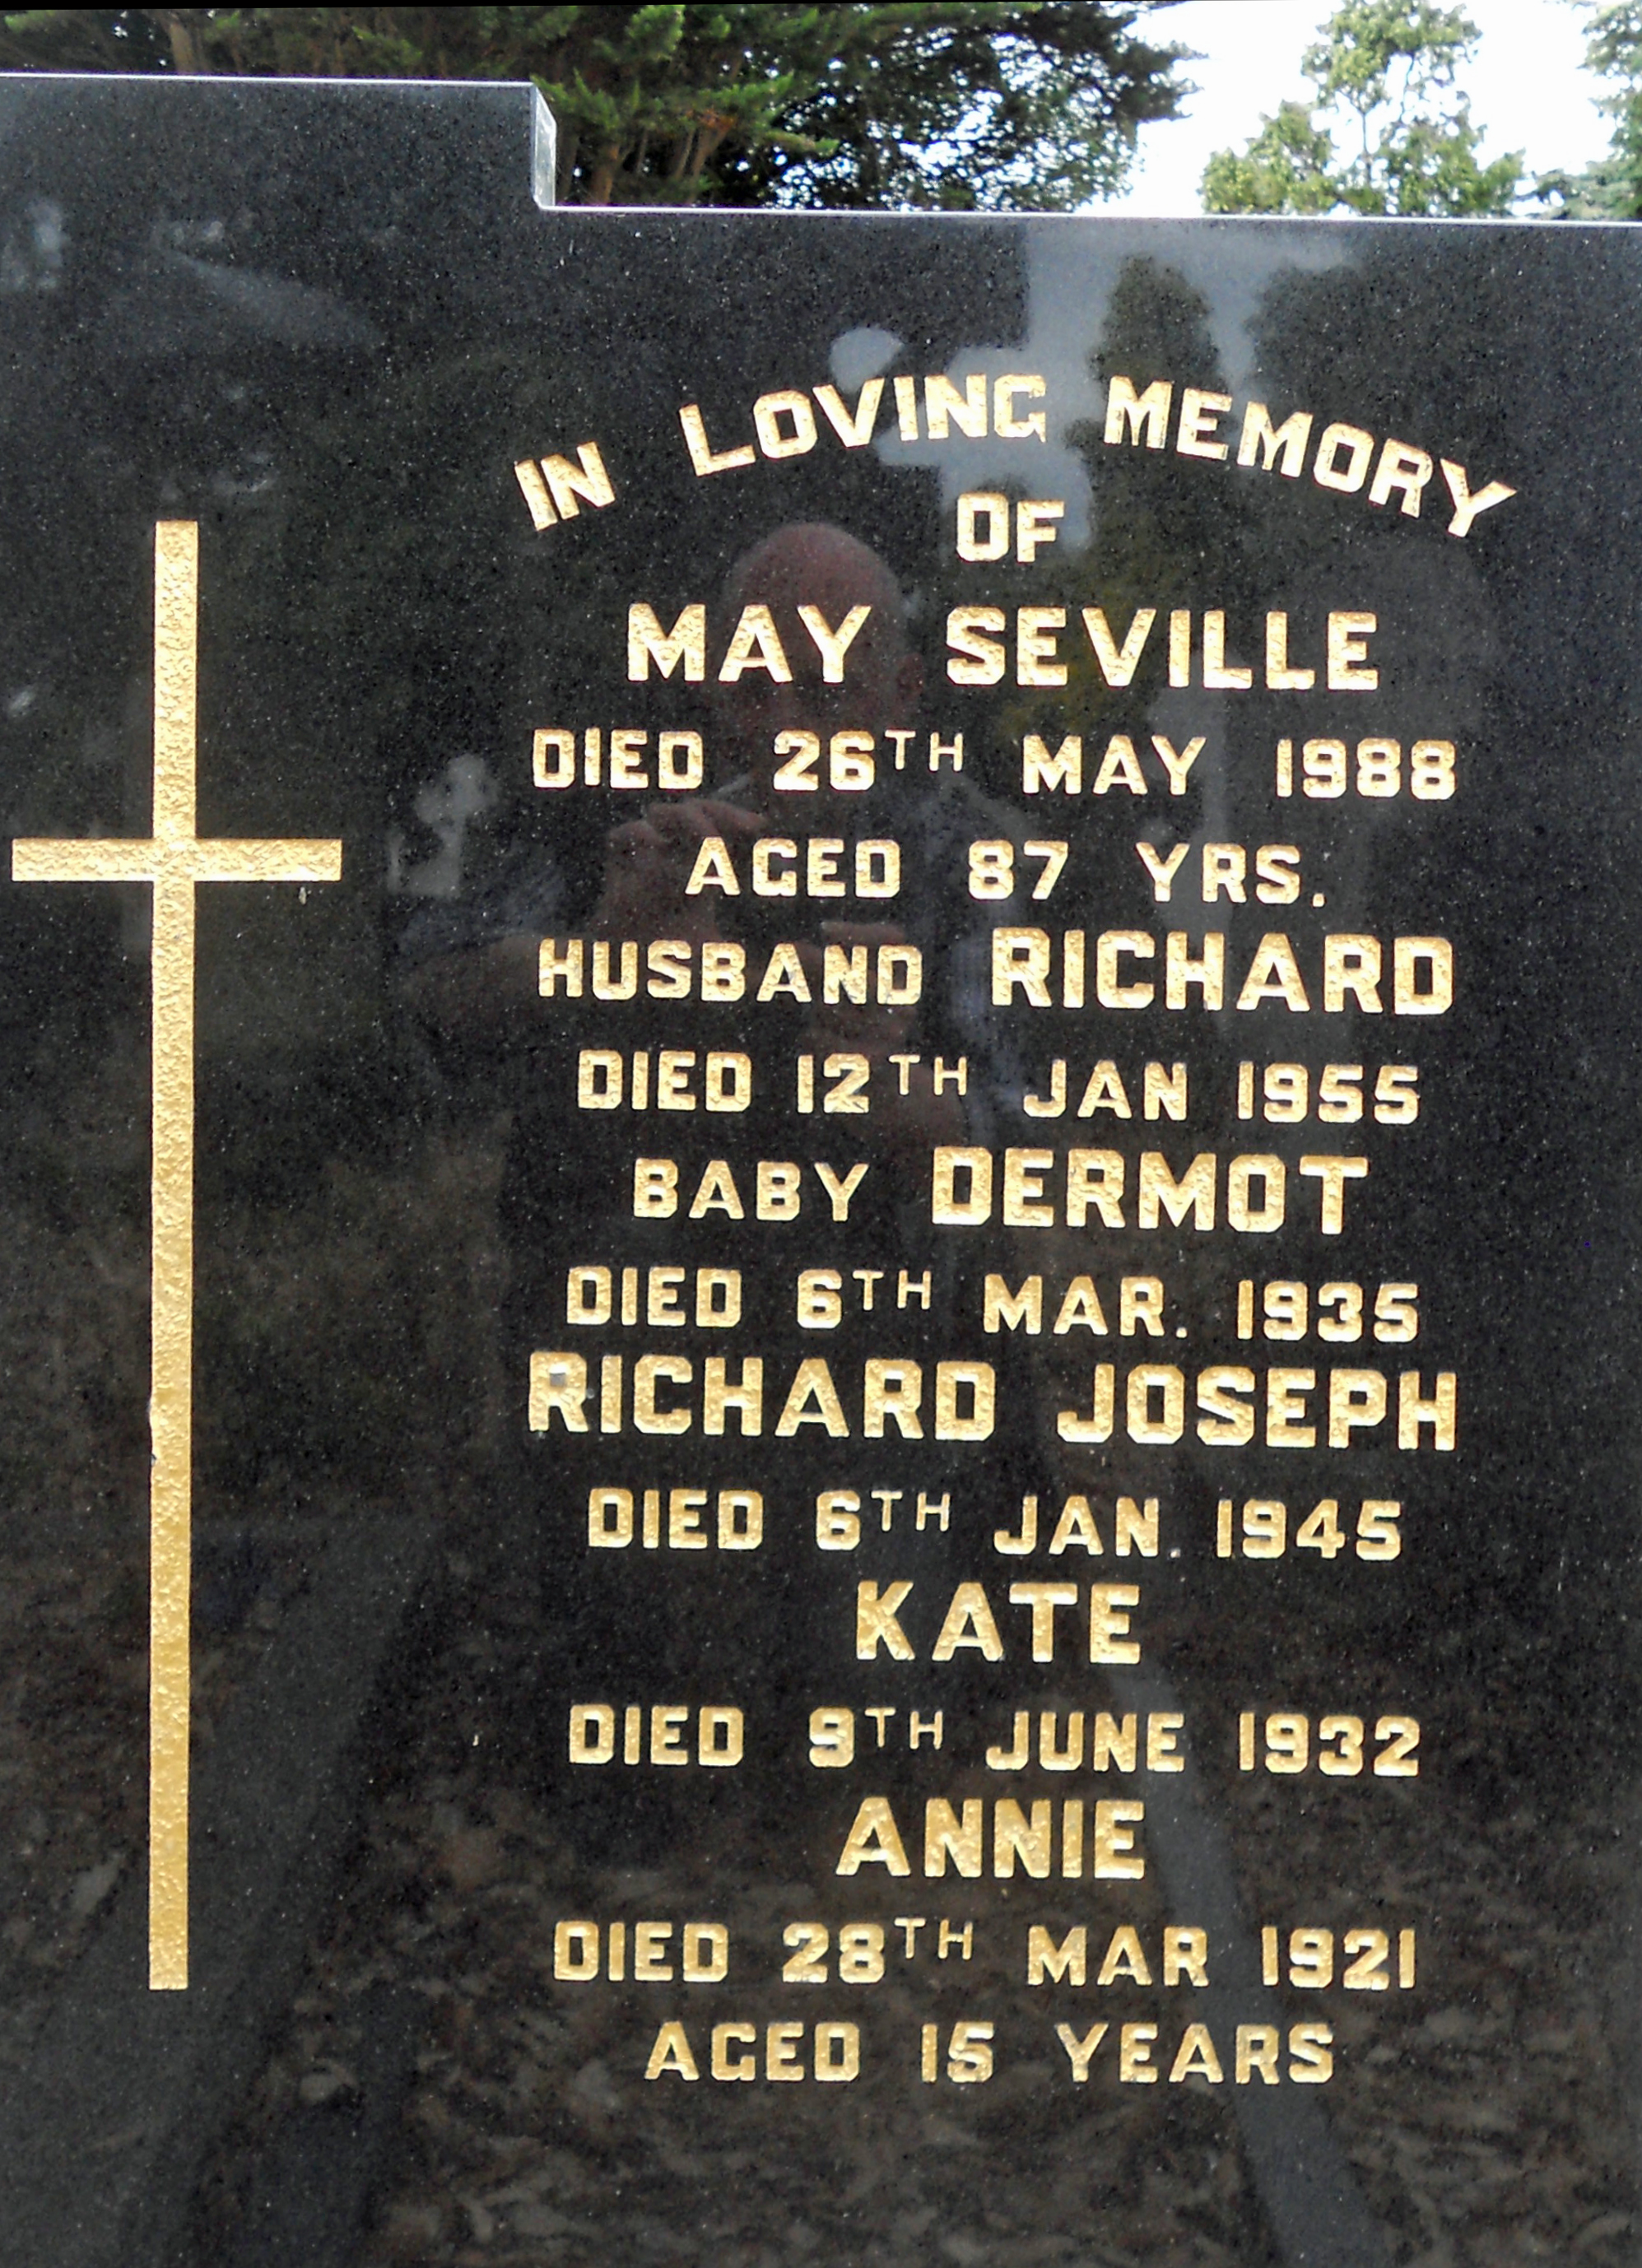 RJ Seville